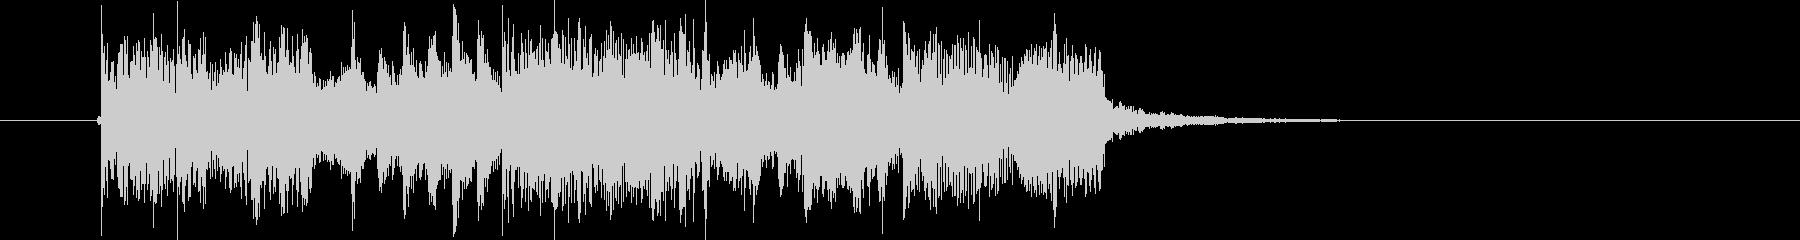 クールなグルーヴ感のあるテクノのジングルの未再生の波形